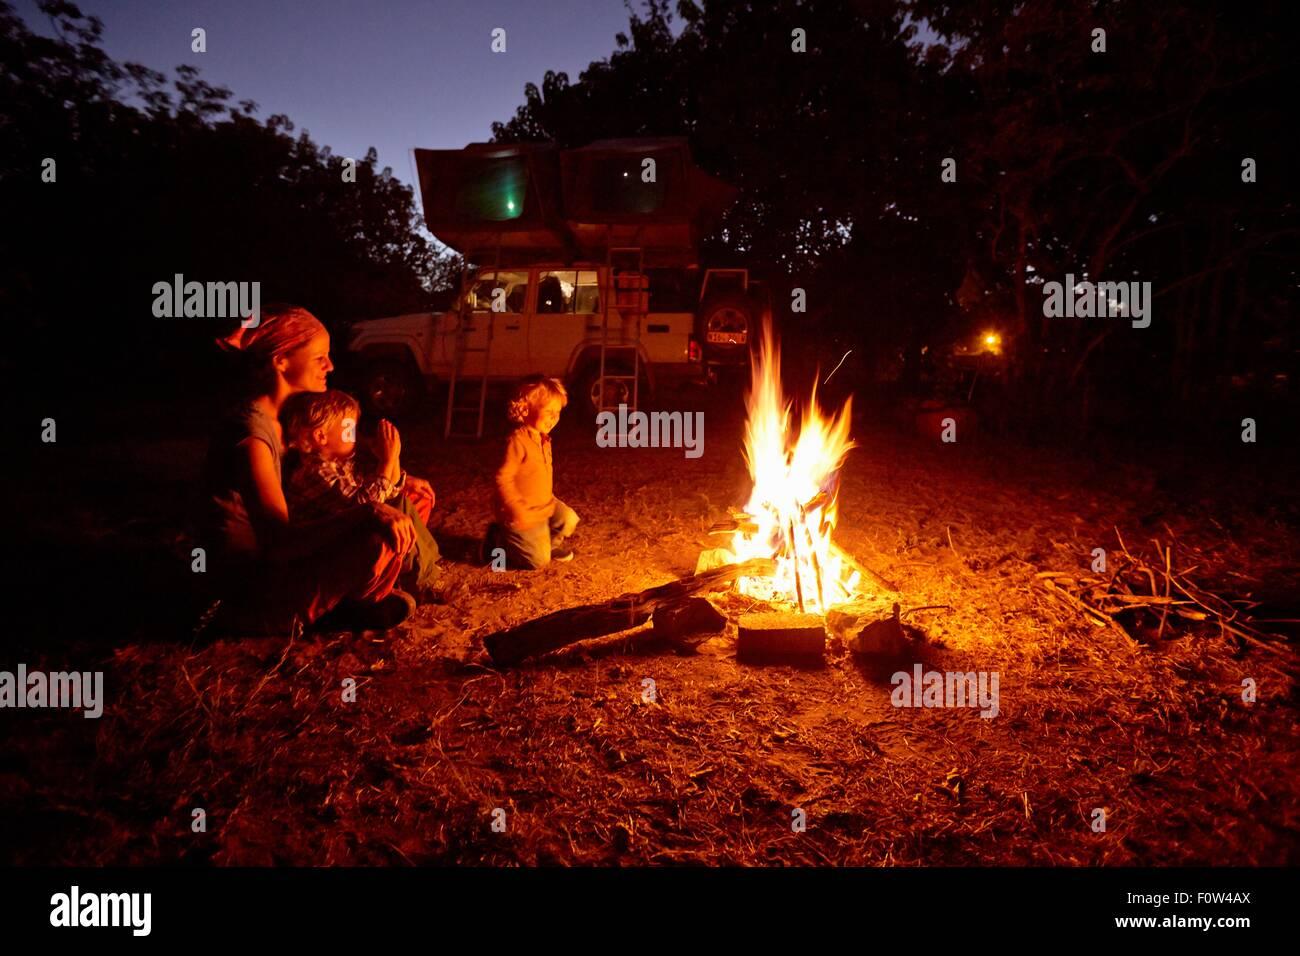 Mother and sons by campfire, Nxai Pan National Park, Kalahari Desert, Africa - Stock Image